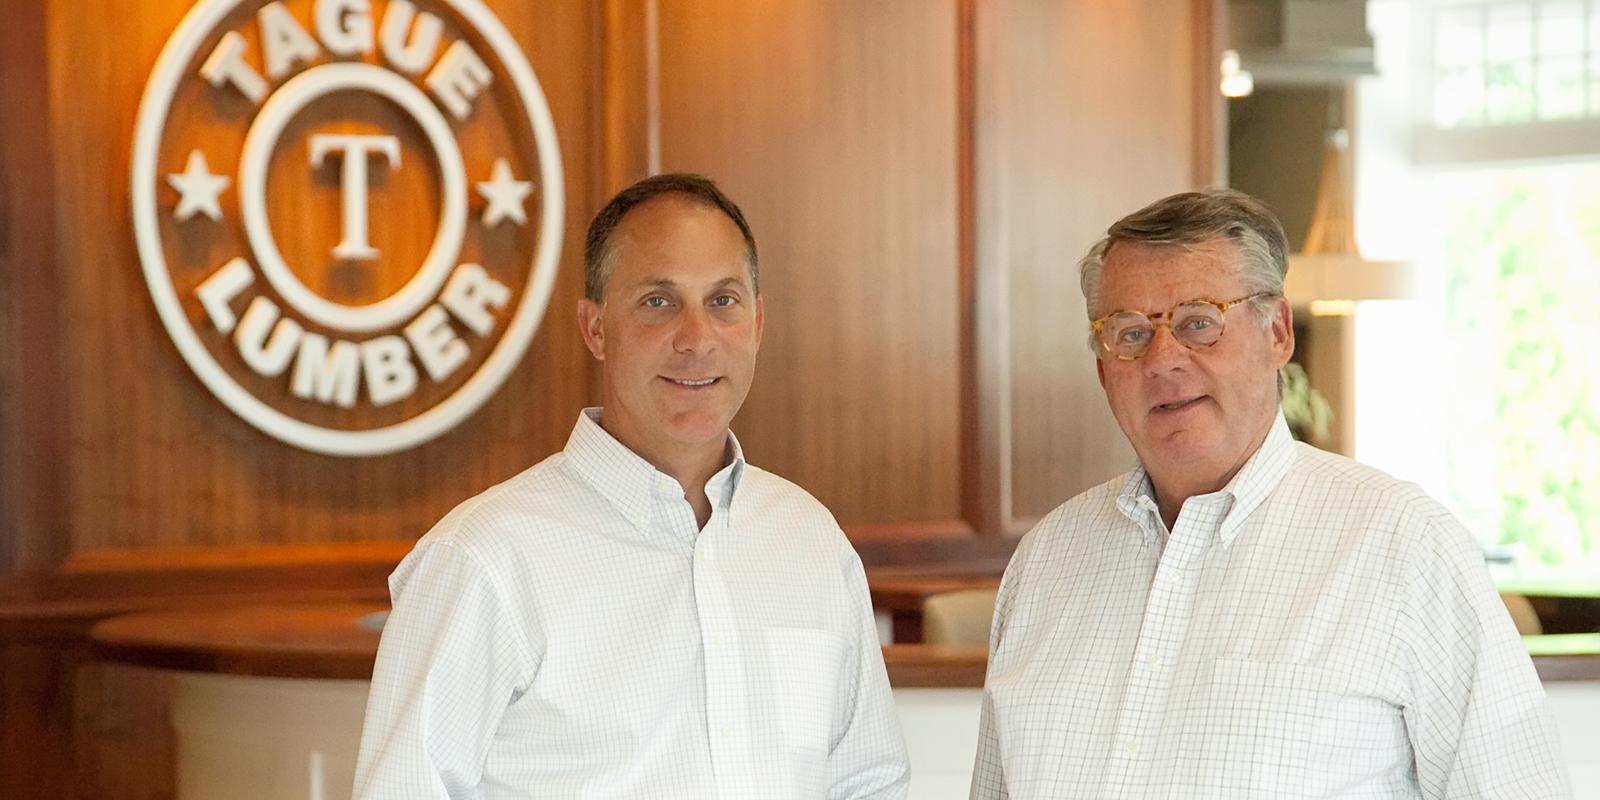 Owners: Vincent Tague Jr and Vincent Tague Sr